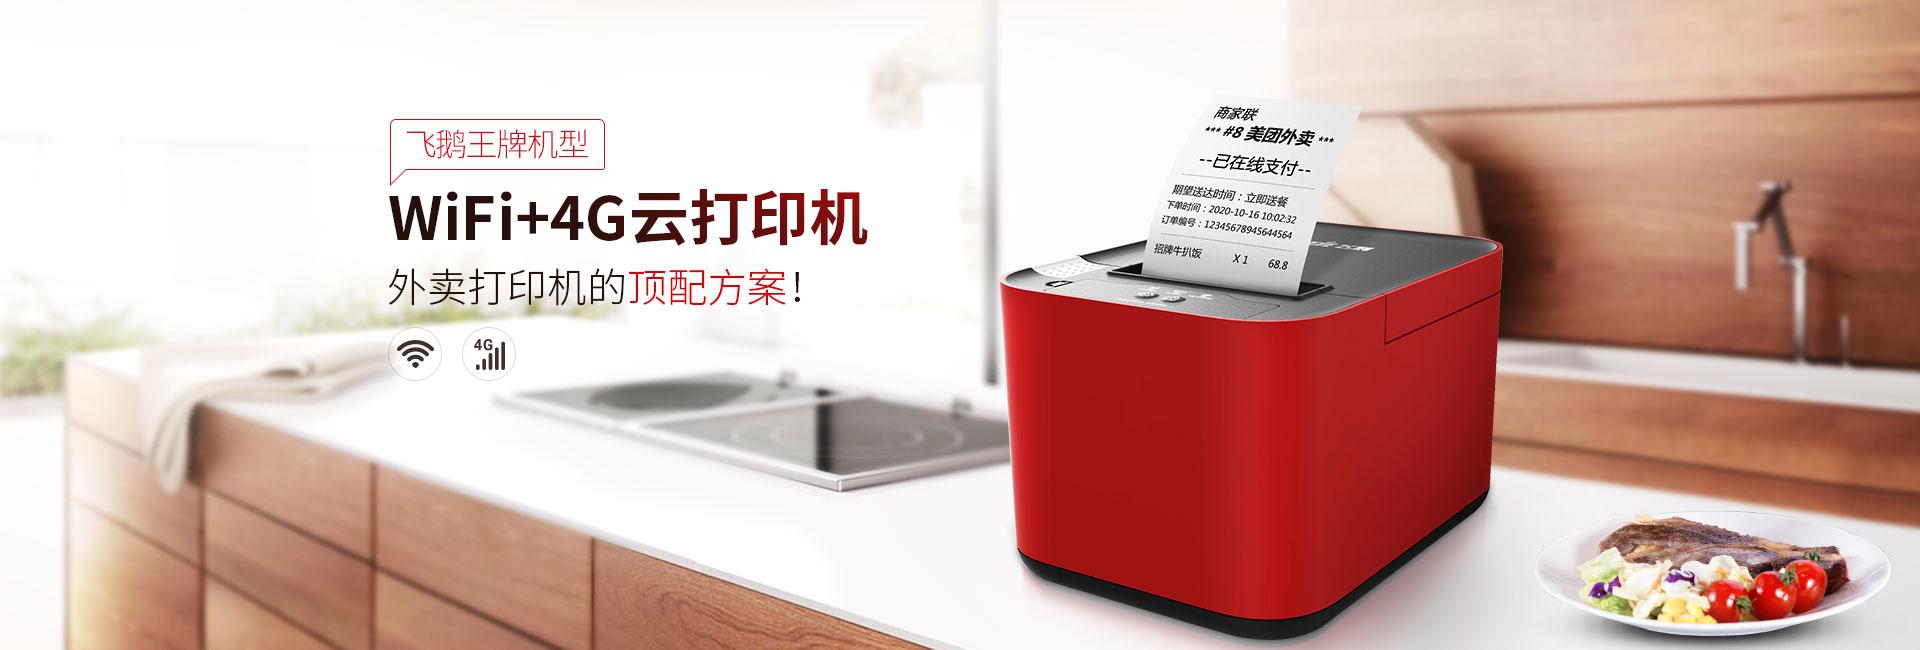 飞鹅王牌机型WiFi+4G云打印机,外卖打印机的顶配方案!